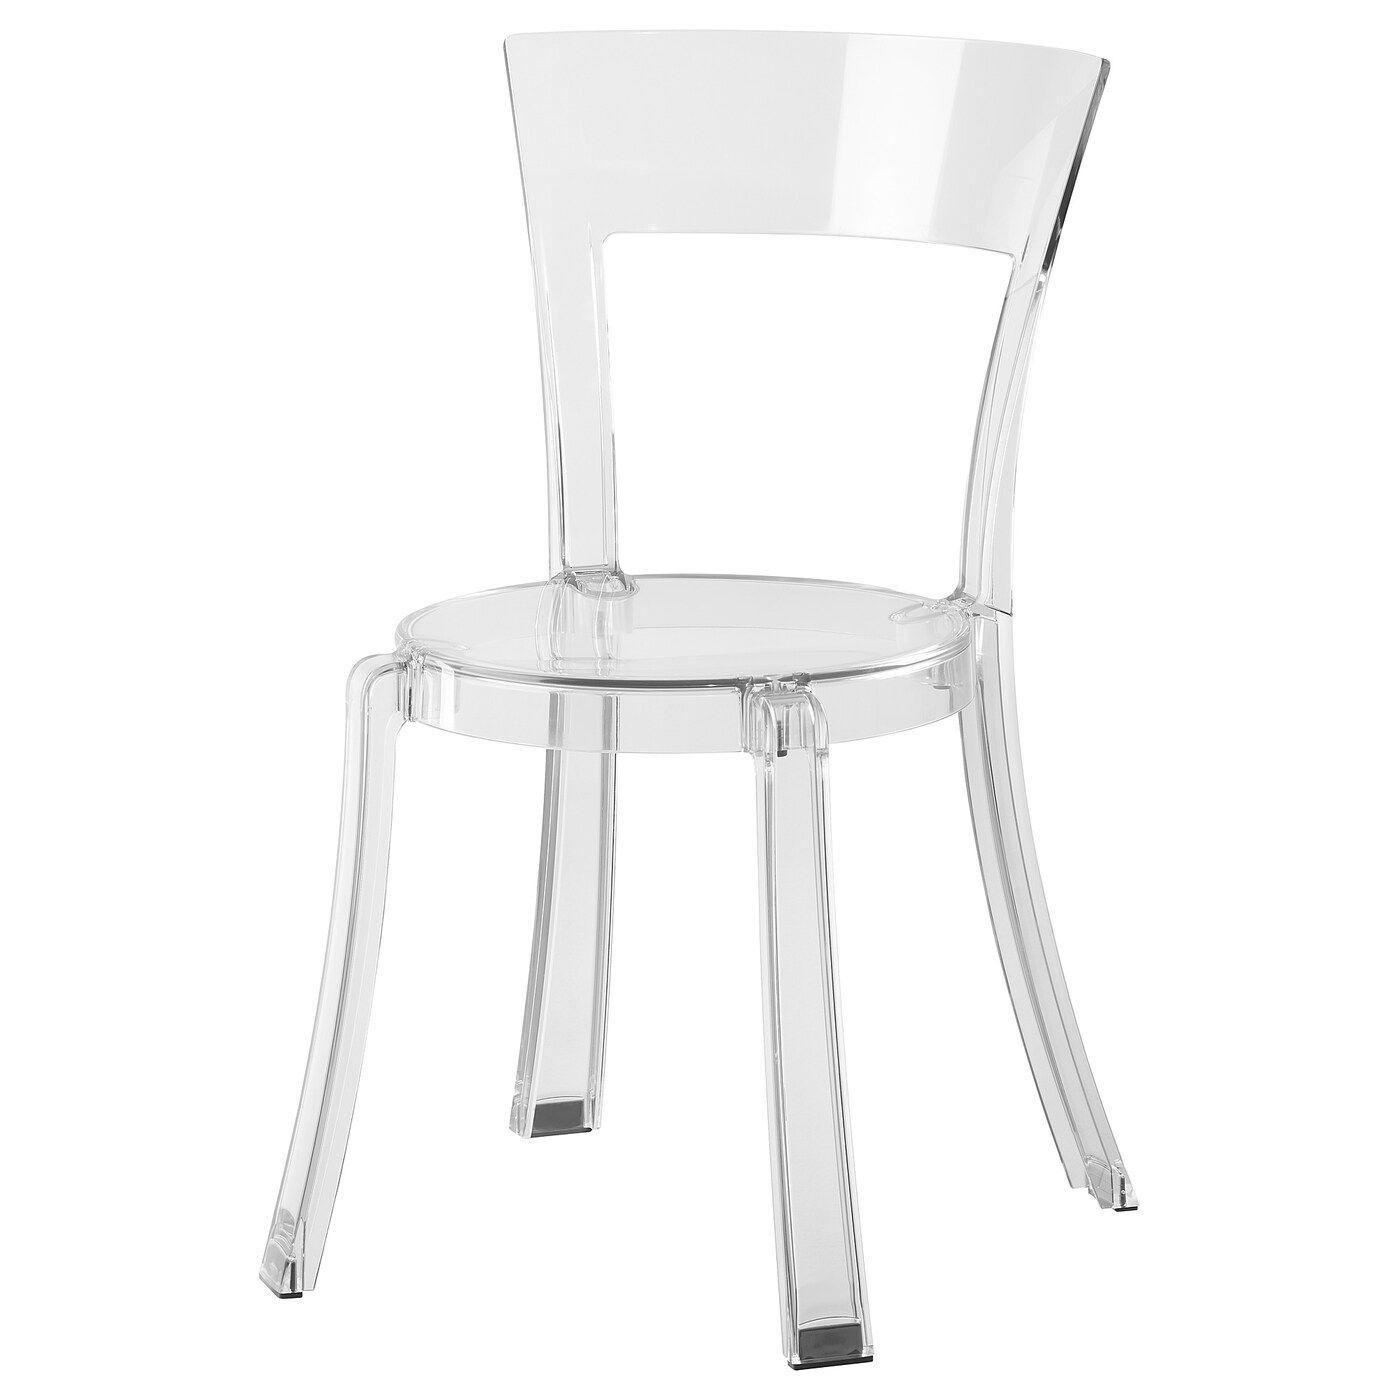 Stein Transparent Chair Ikea Transparent Chair Chair Ikea